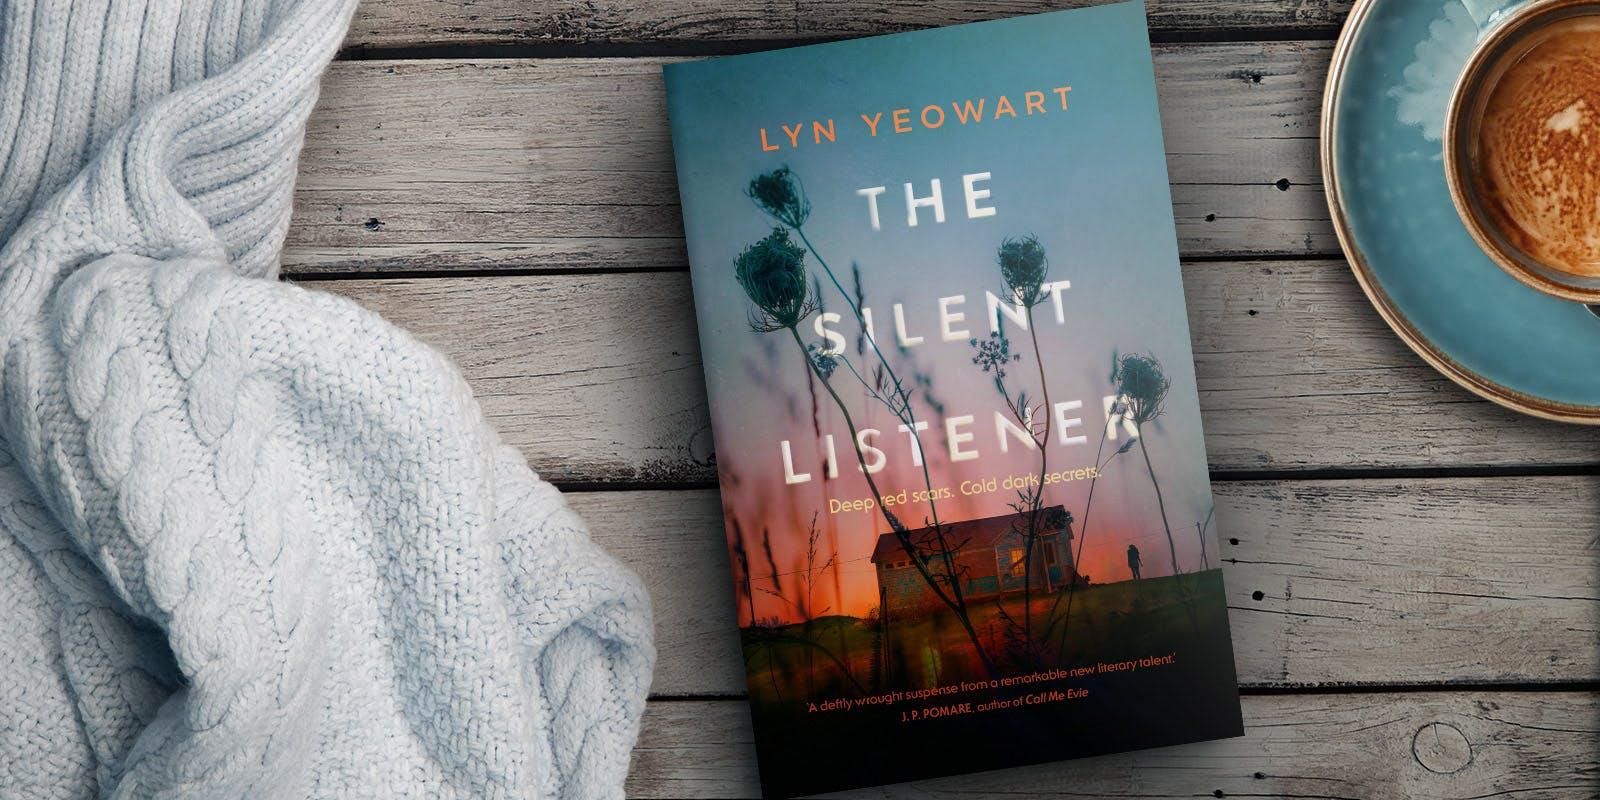 Lyn Yeowart Q&A